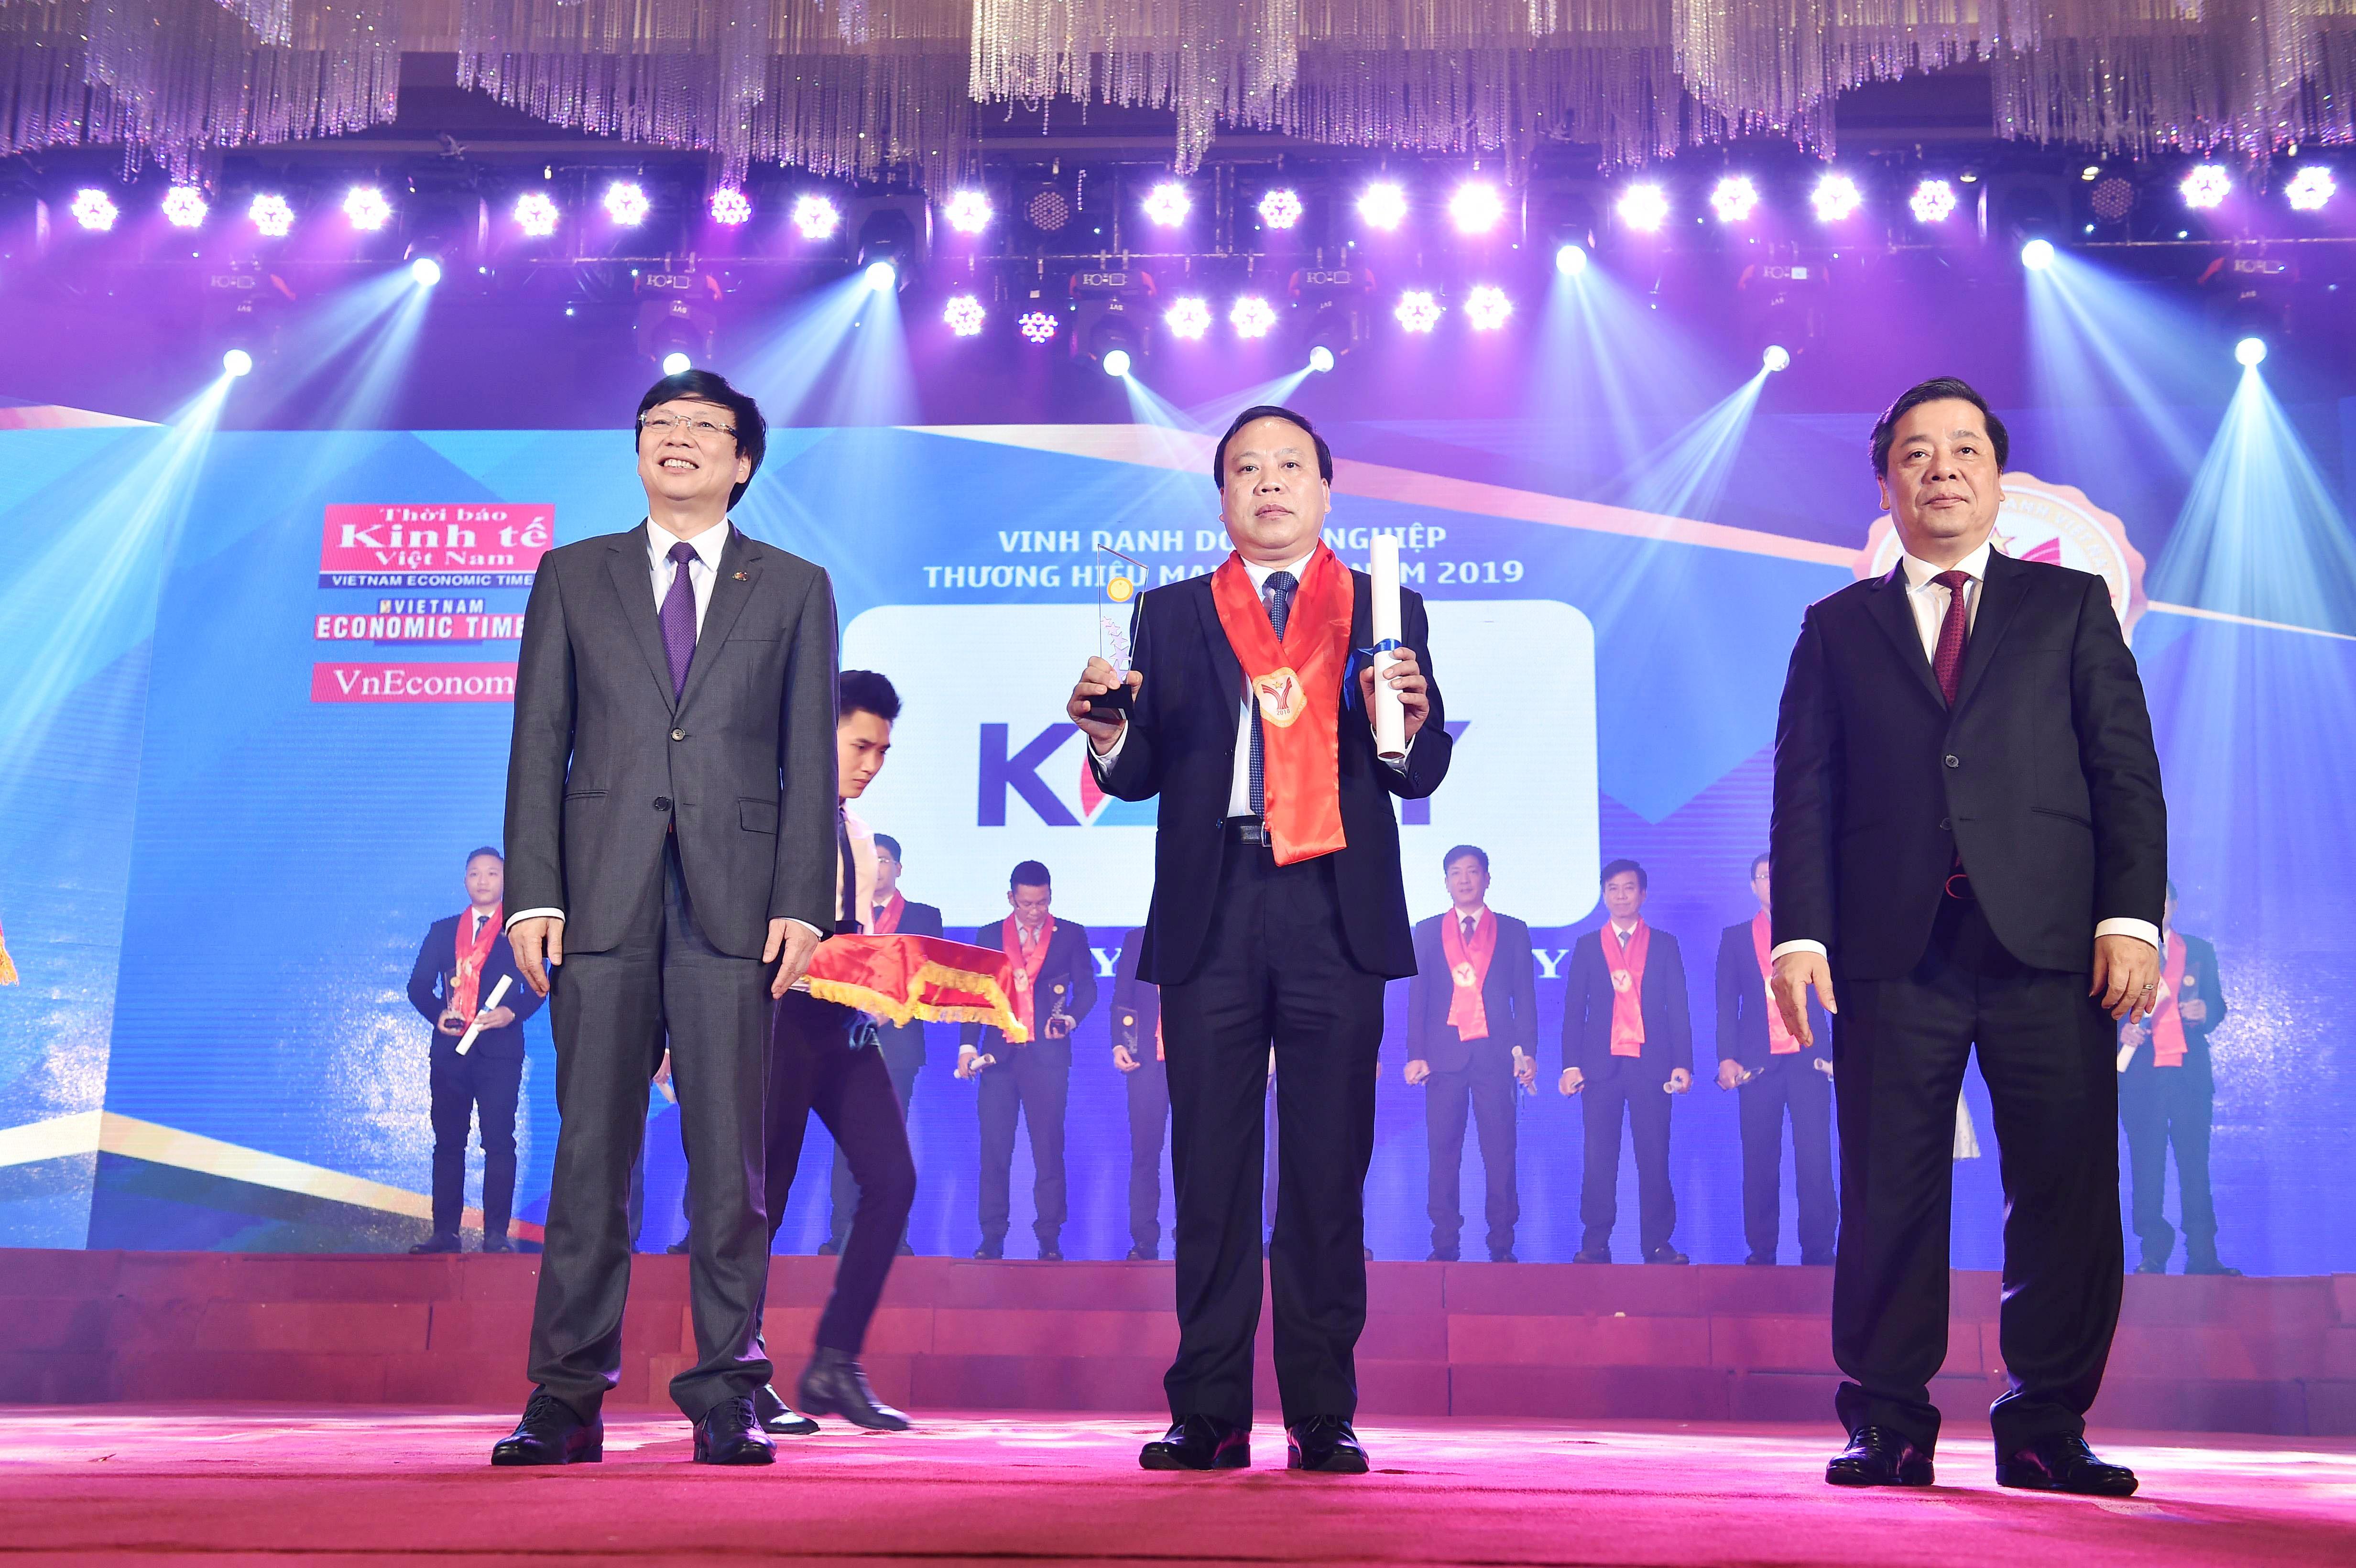 """Kosy Group khẳng định vị thế mới với hat-trick giải thưởng """"Thương hiệu mạnh Việt Nam"""" - Ảnh 1"""